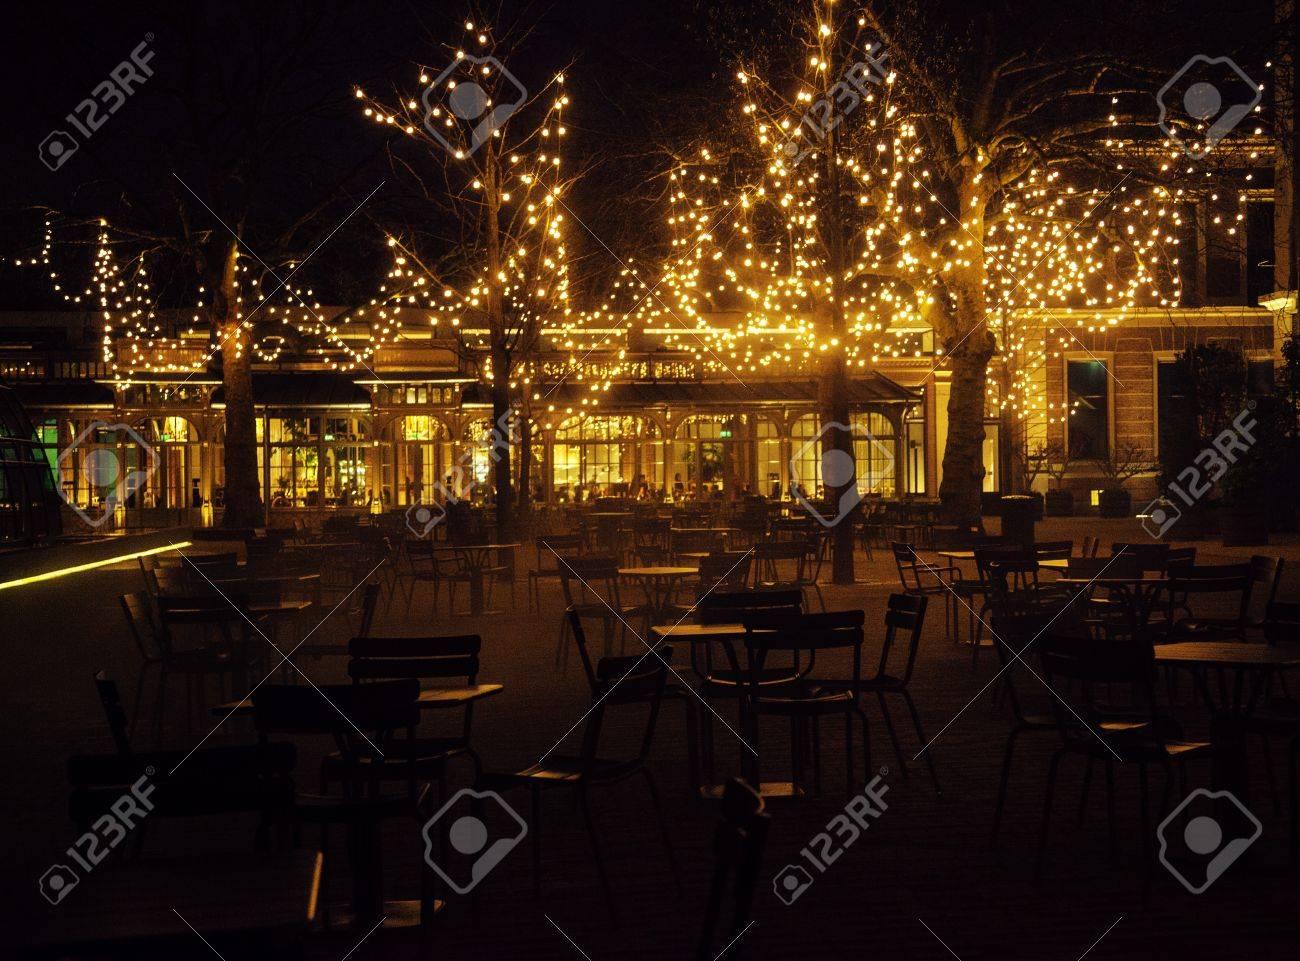 24722378753d Foto de archivo - Noche restaurante vacío, gran cantidad de mesas y sillas  con nadie, luces de colores mágicos en los árboles como celebración